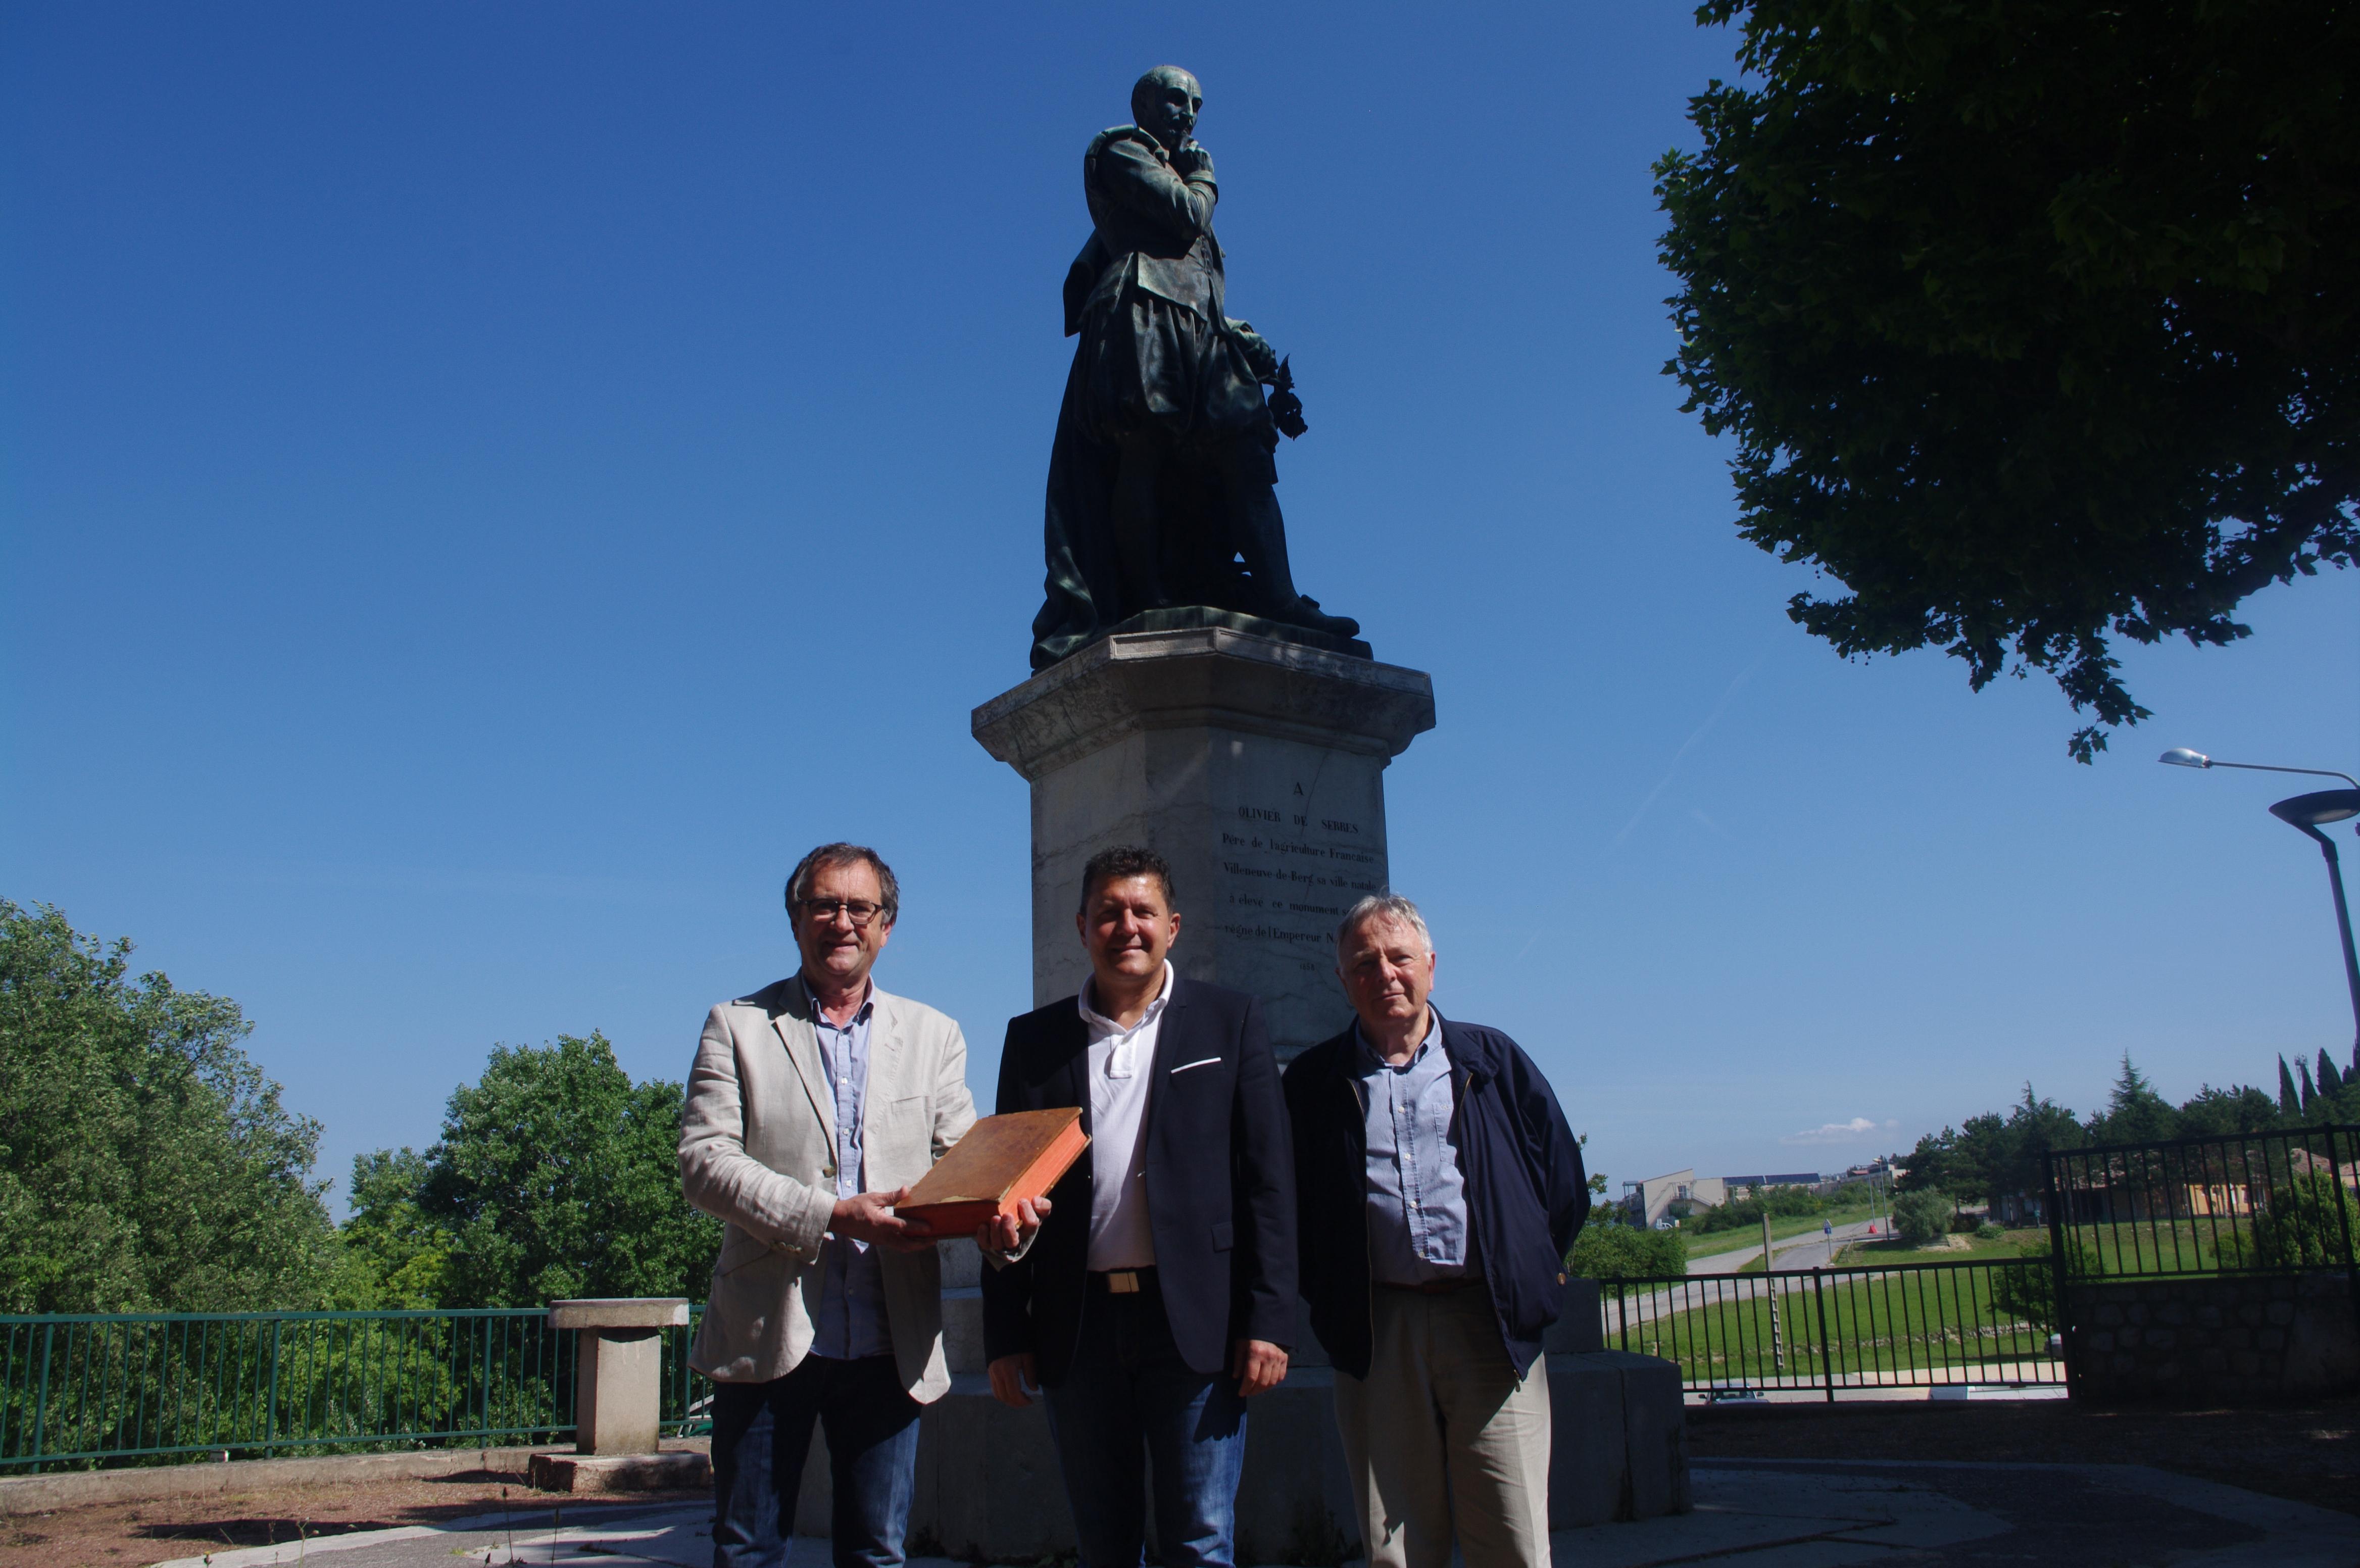 En 2019, mobilisons nous tous pour faire du 400ème anniversaire de la mort d'Olivier de Serres un grand événement départemental et national.